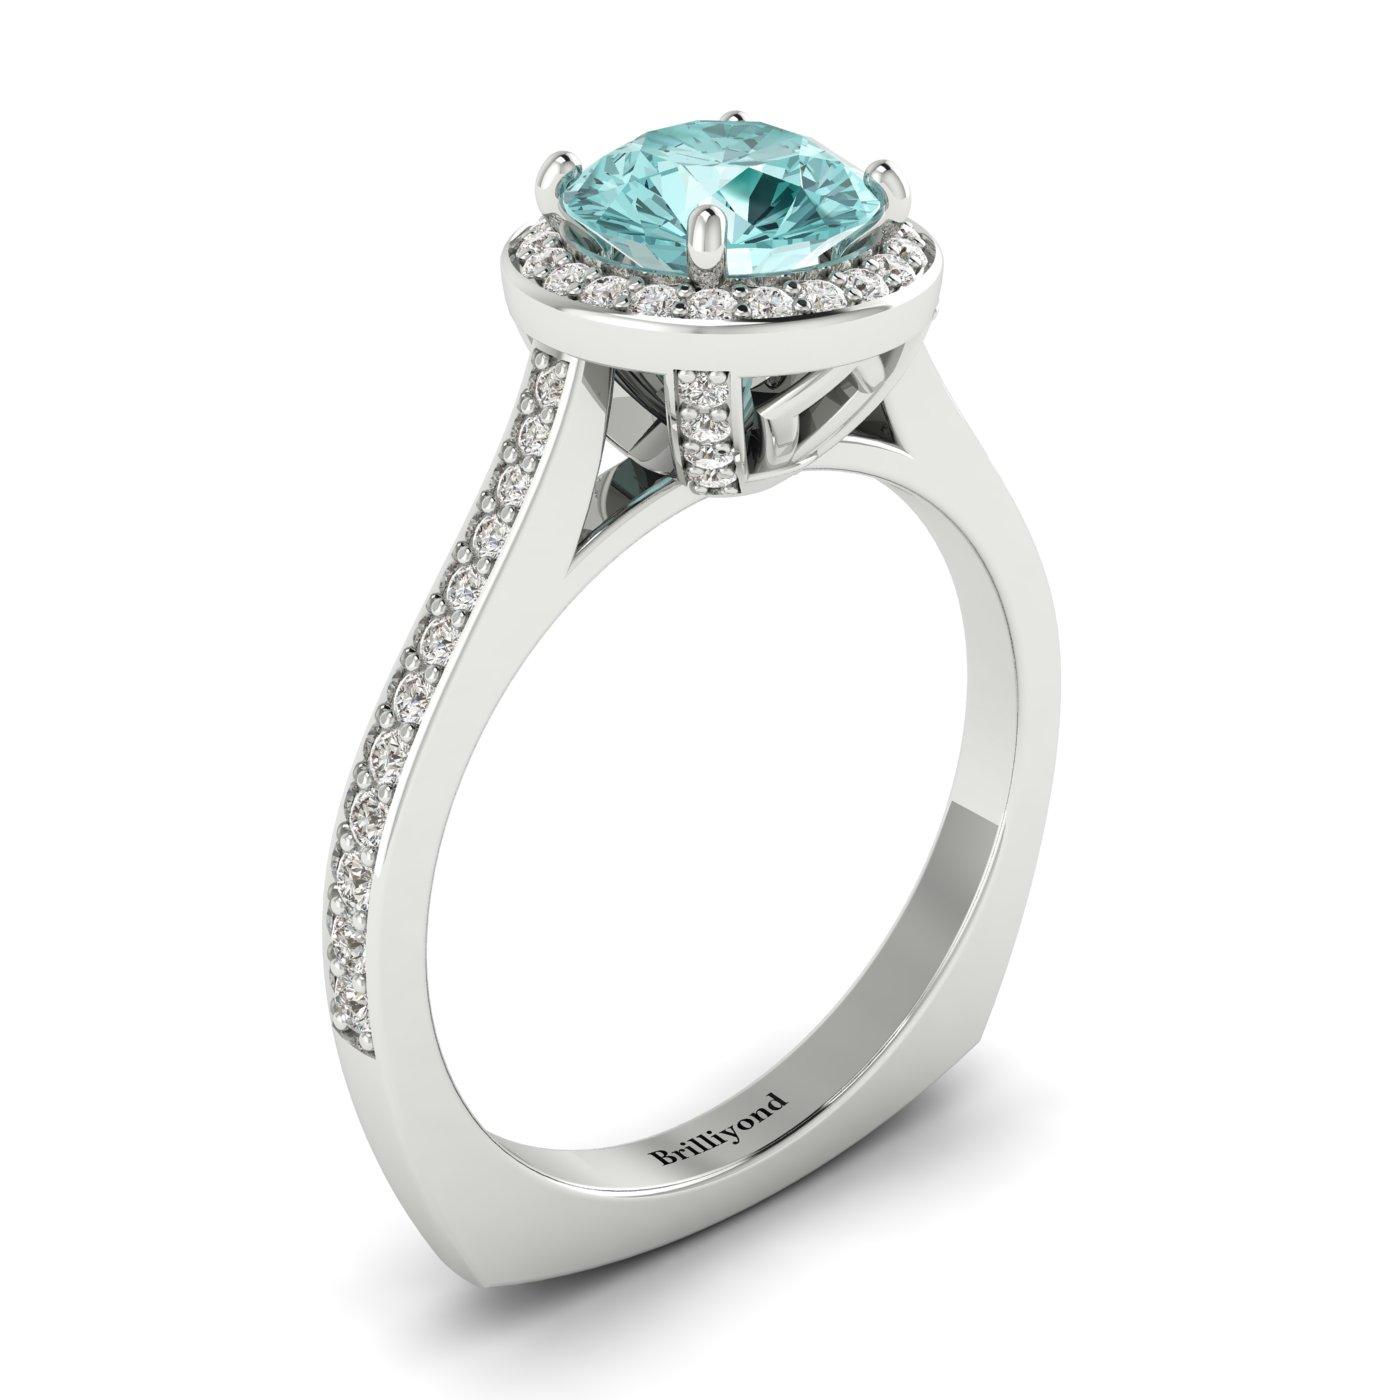 Aquamarine White Gold Halo Engagement Ring Edelweiss_image2